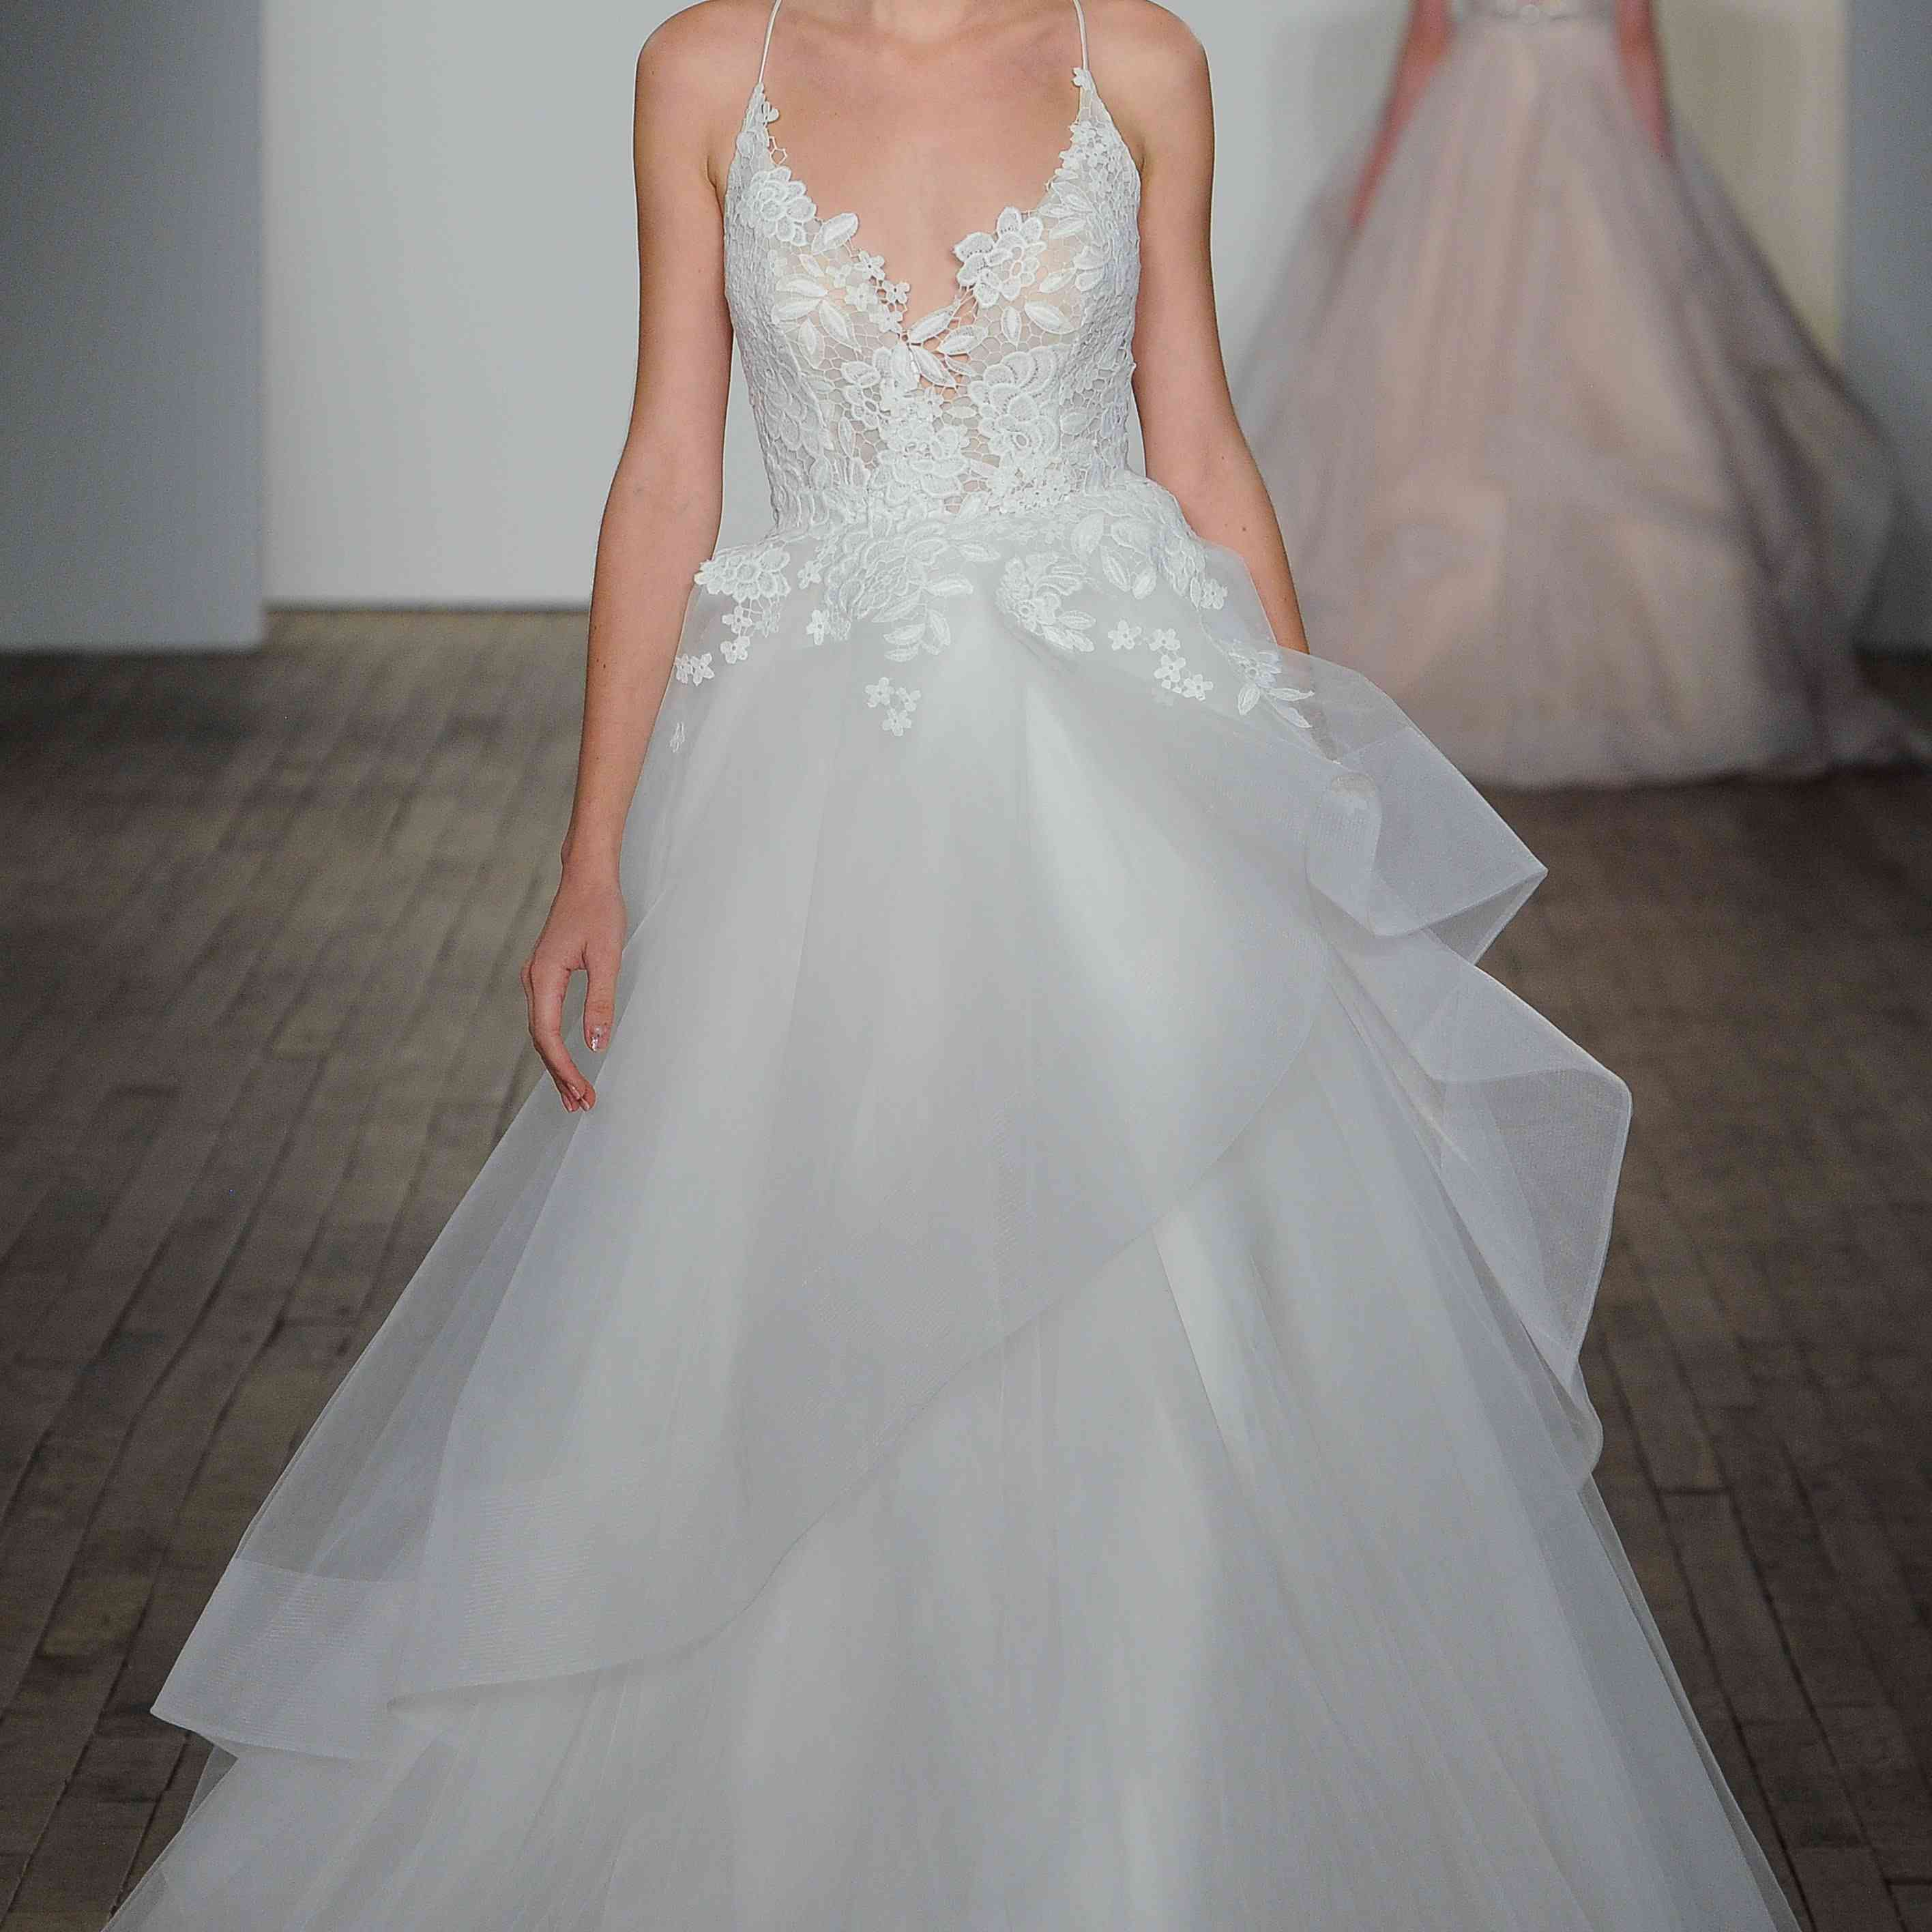 Clover sleeveless A-line wedding dress